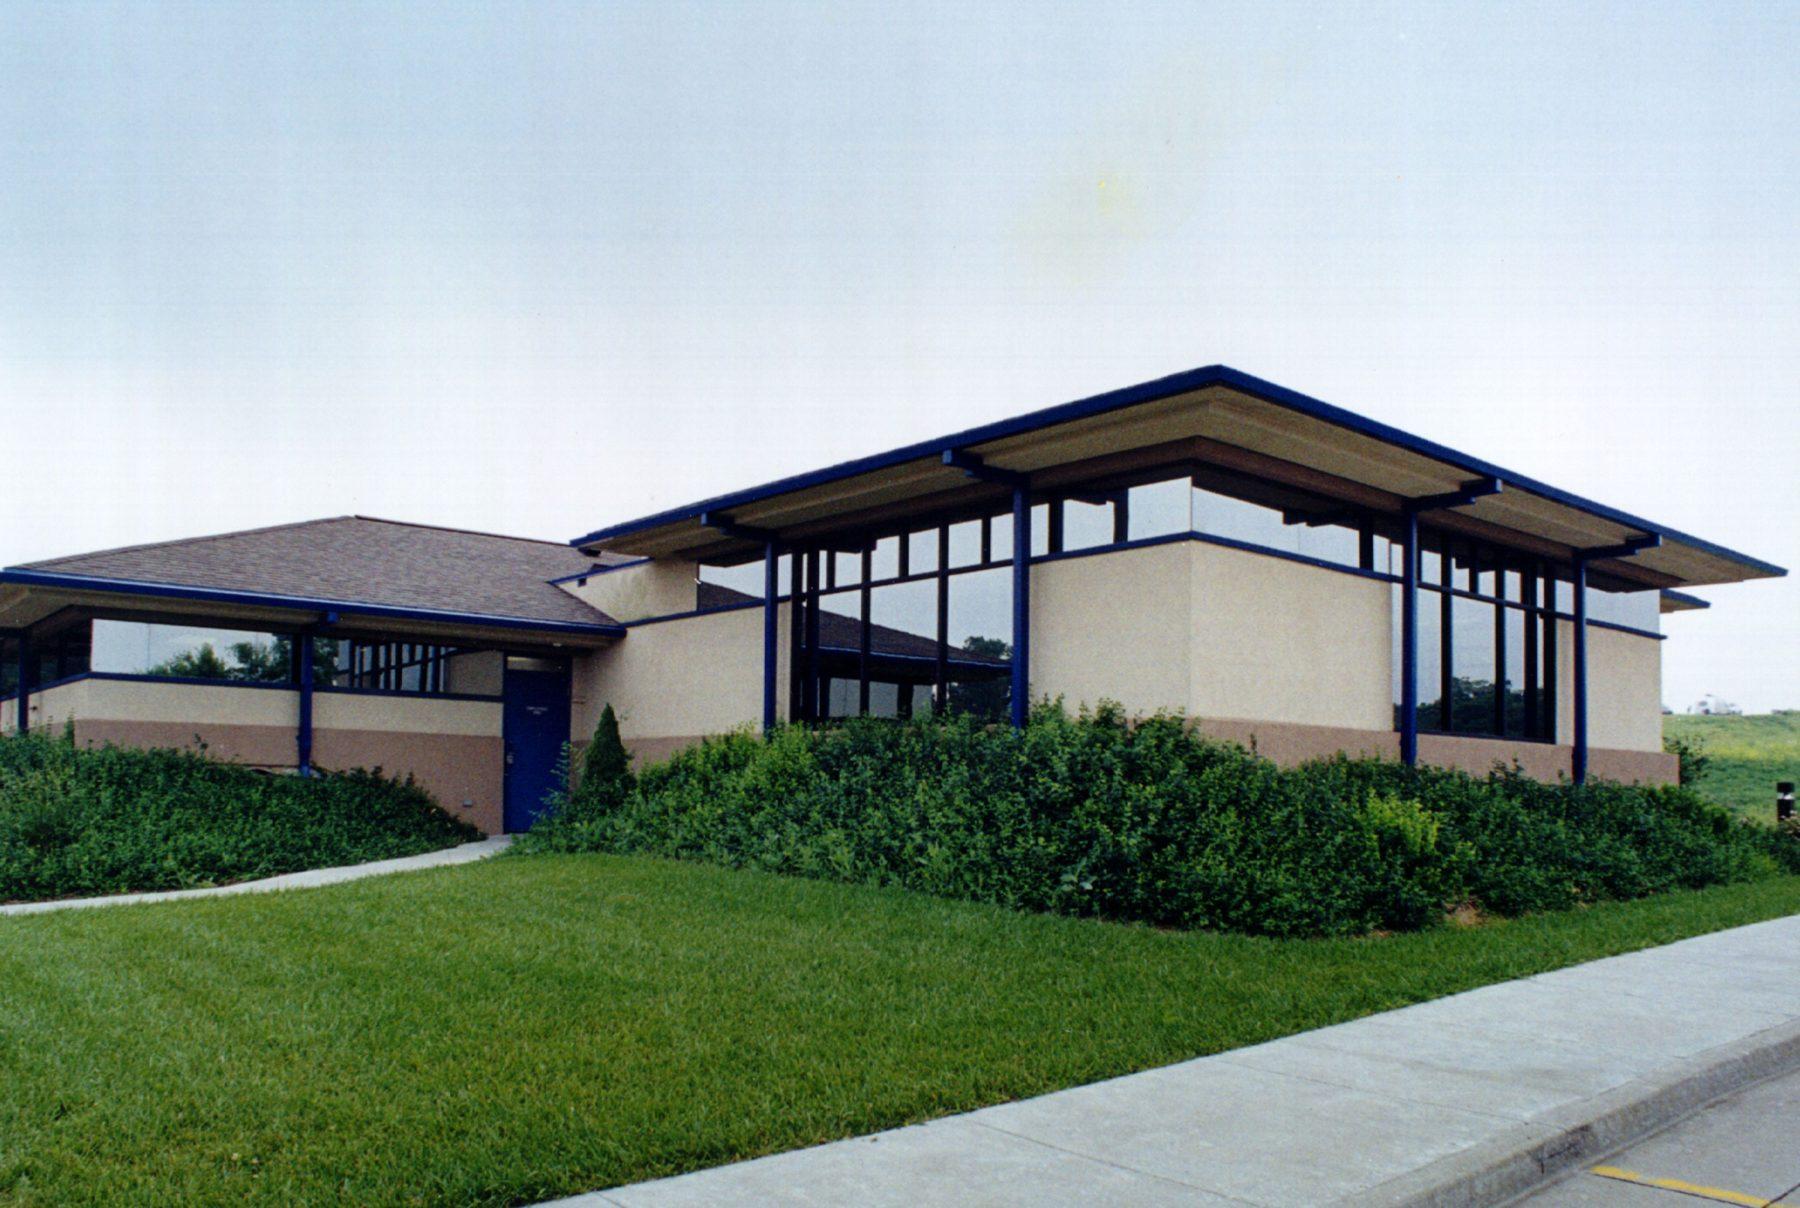 St Mary's Health Clinic East